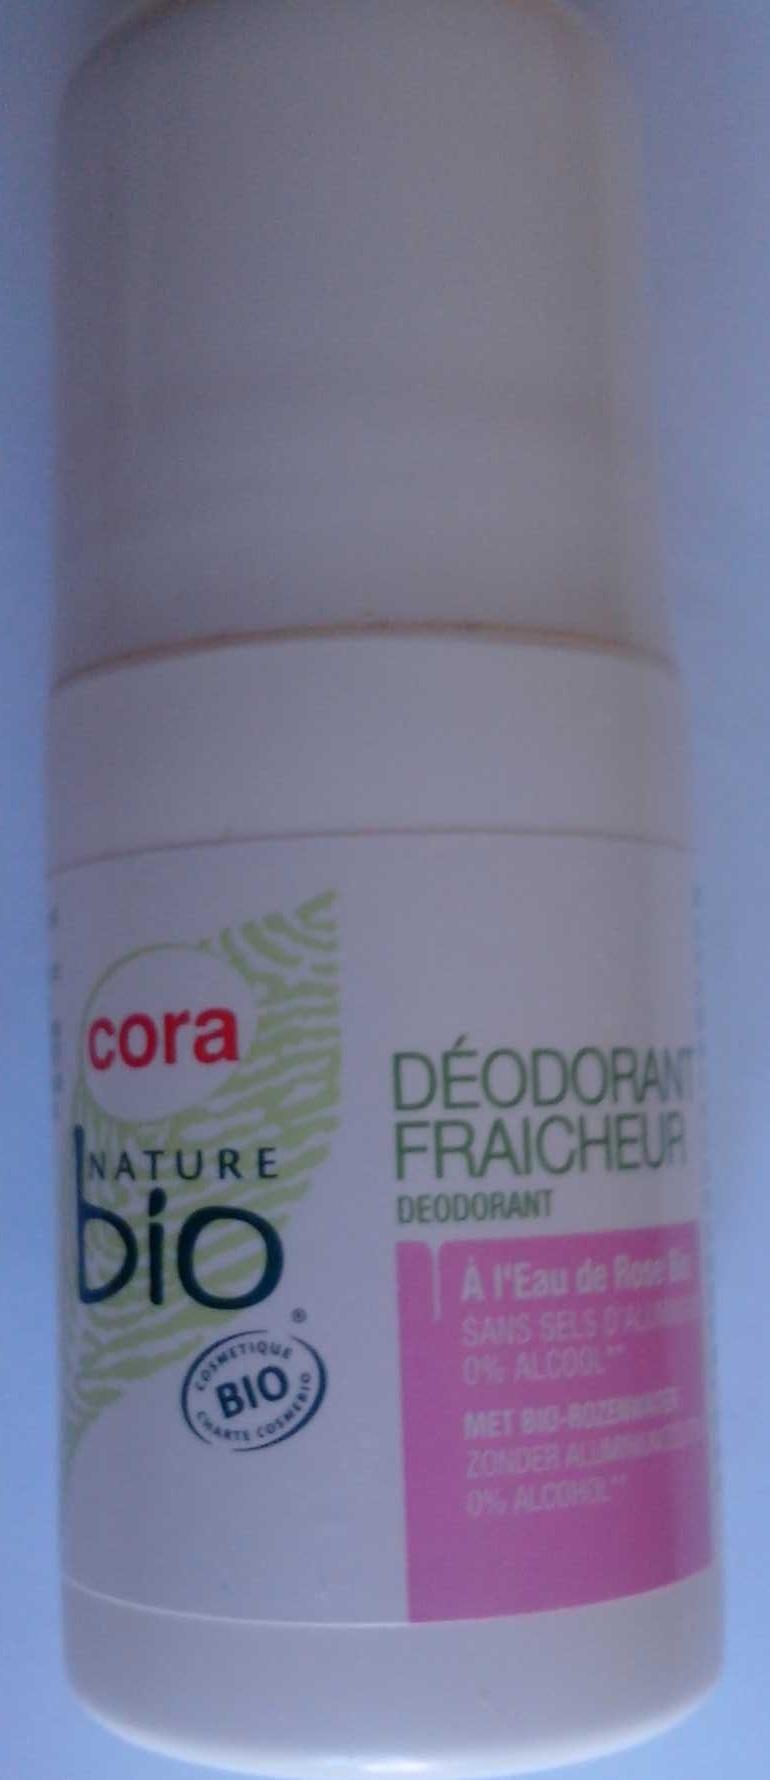 déodorant fraicheur - Product - fr